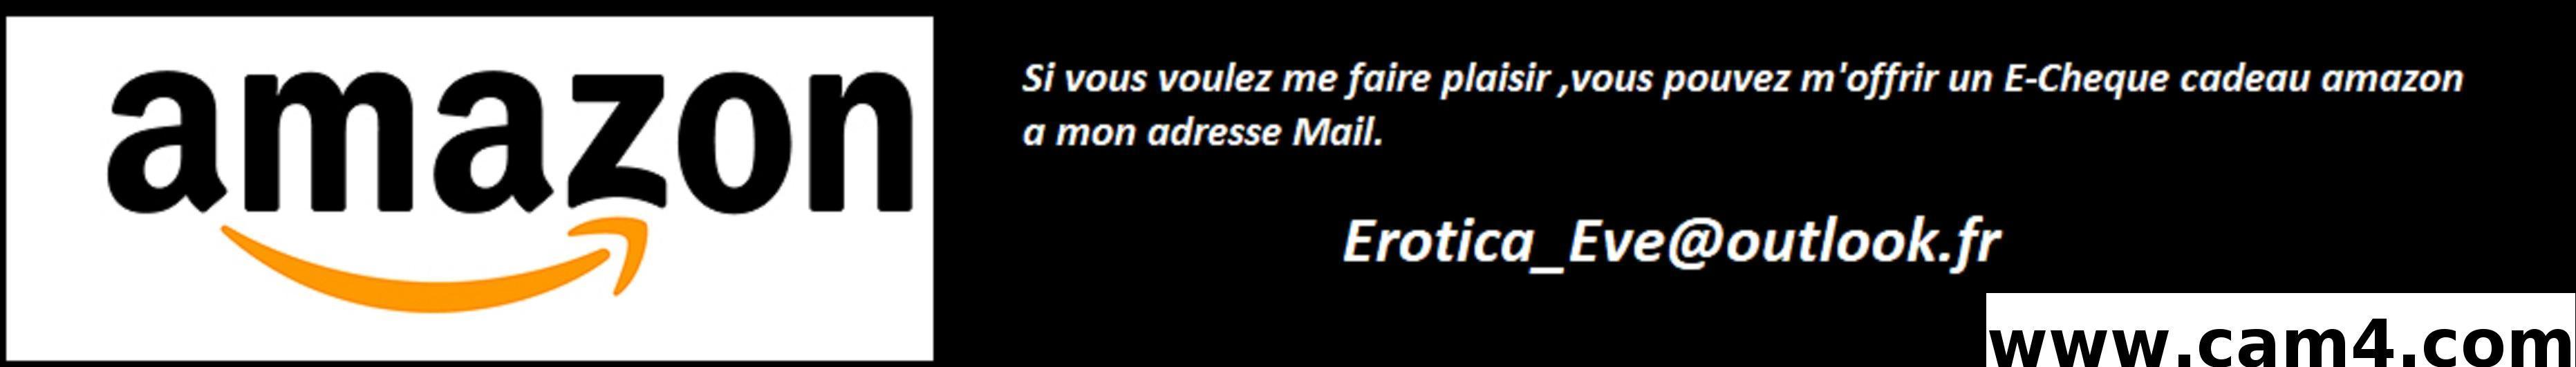 Erotica eve?s=1x1ml3rlvm+x+k30wj3rhiwrhvnd759y+myyihvi9pw=